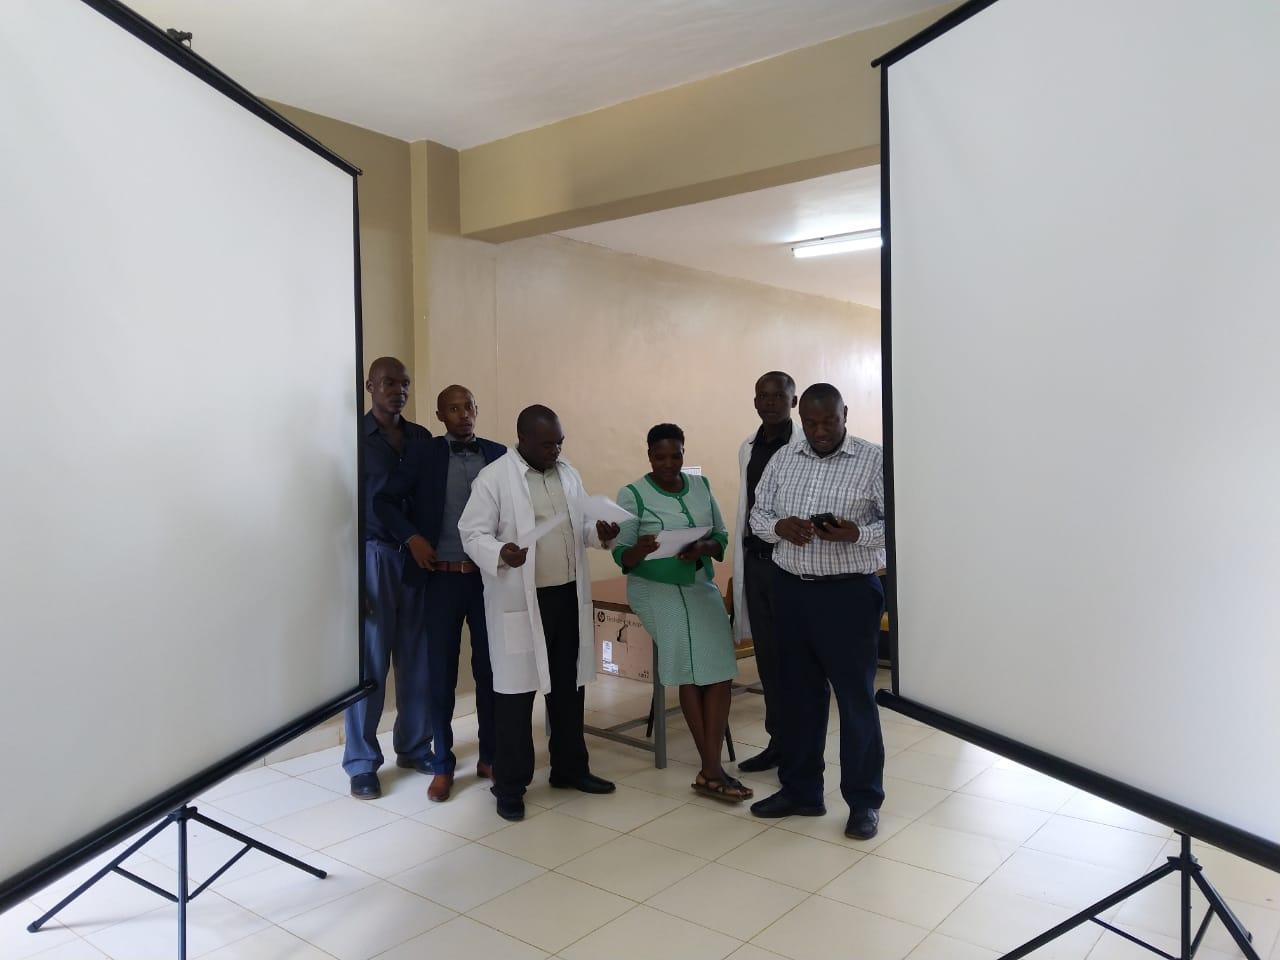 School of Graduate Studies Procures 2 Projectors Tripod Screens